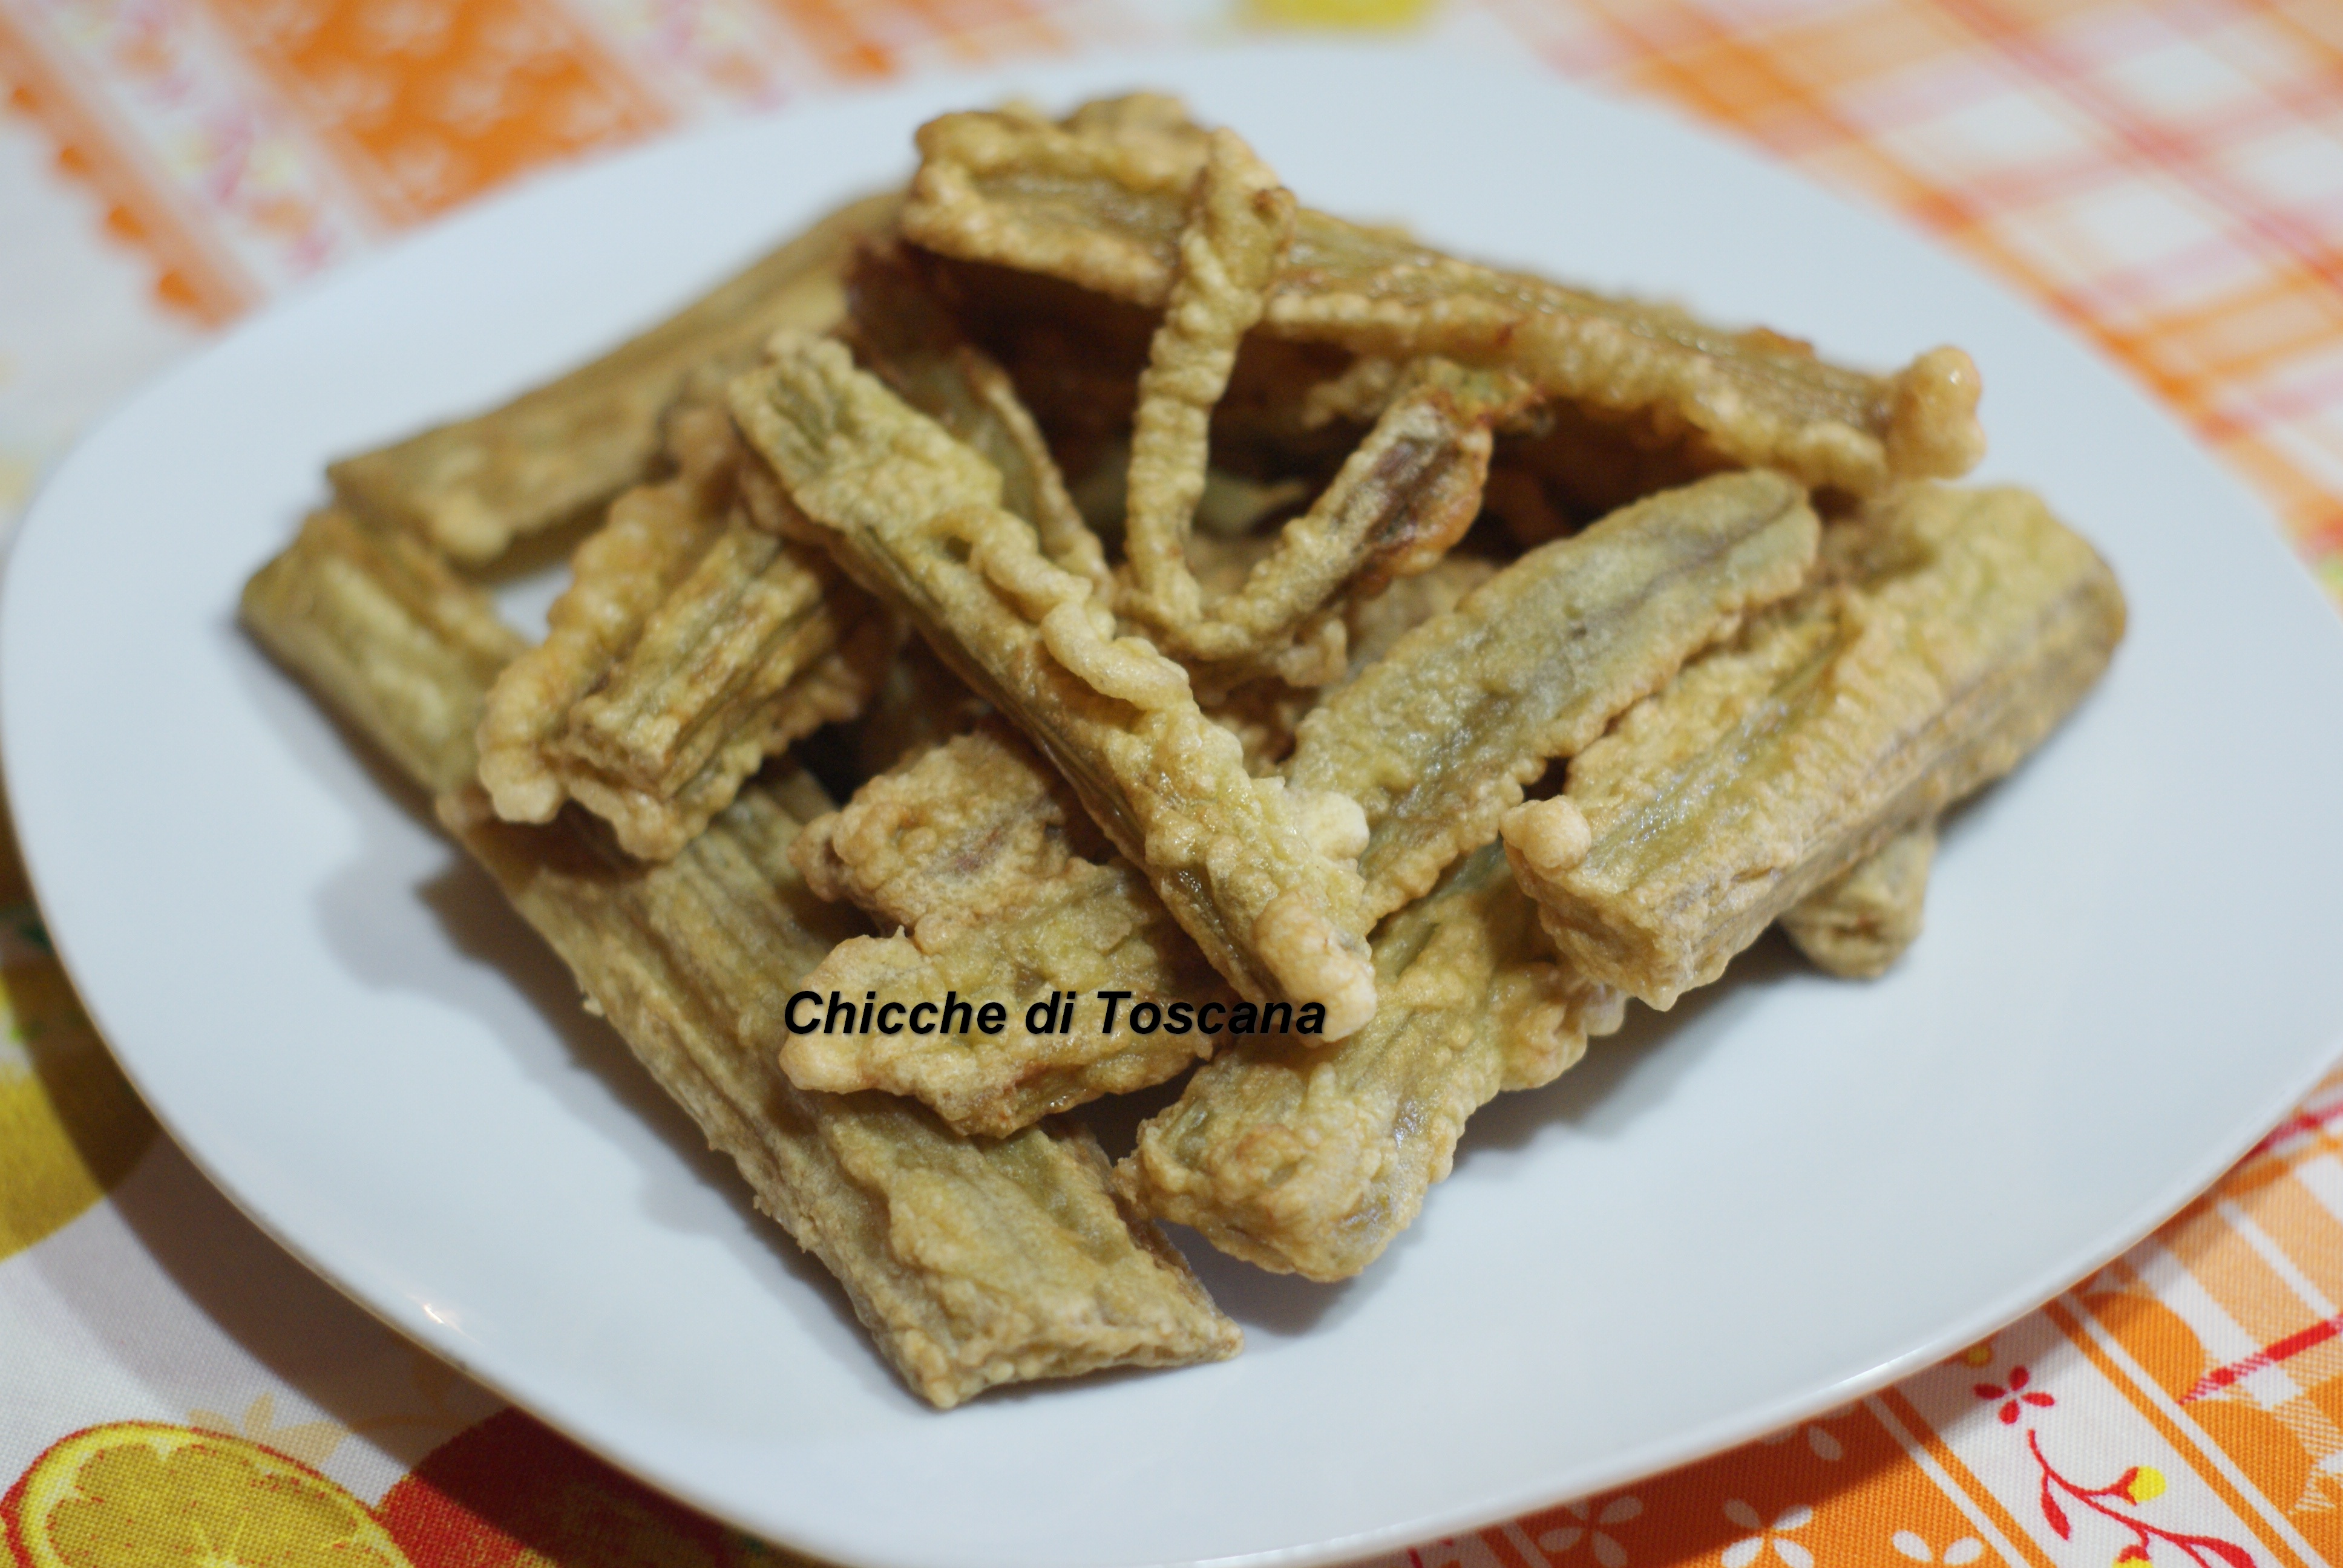 Cardi fritti alla toscana chicche di toscana - Cucinare i cardi ...